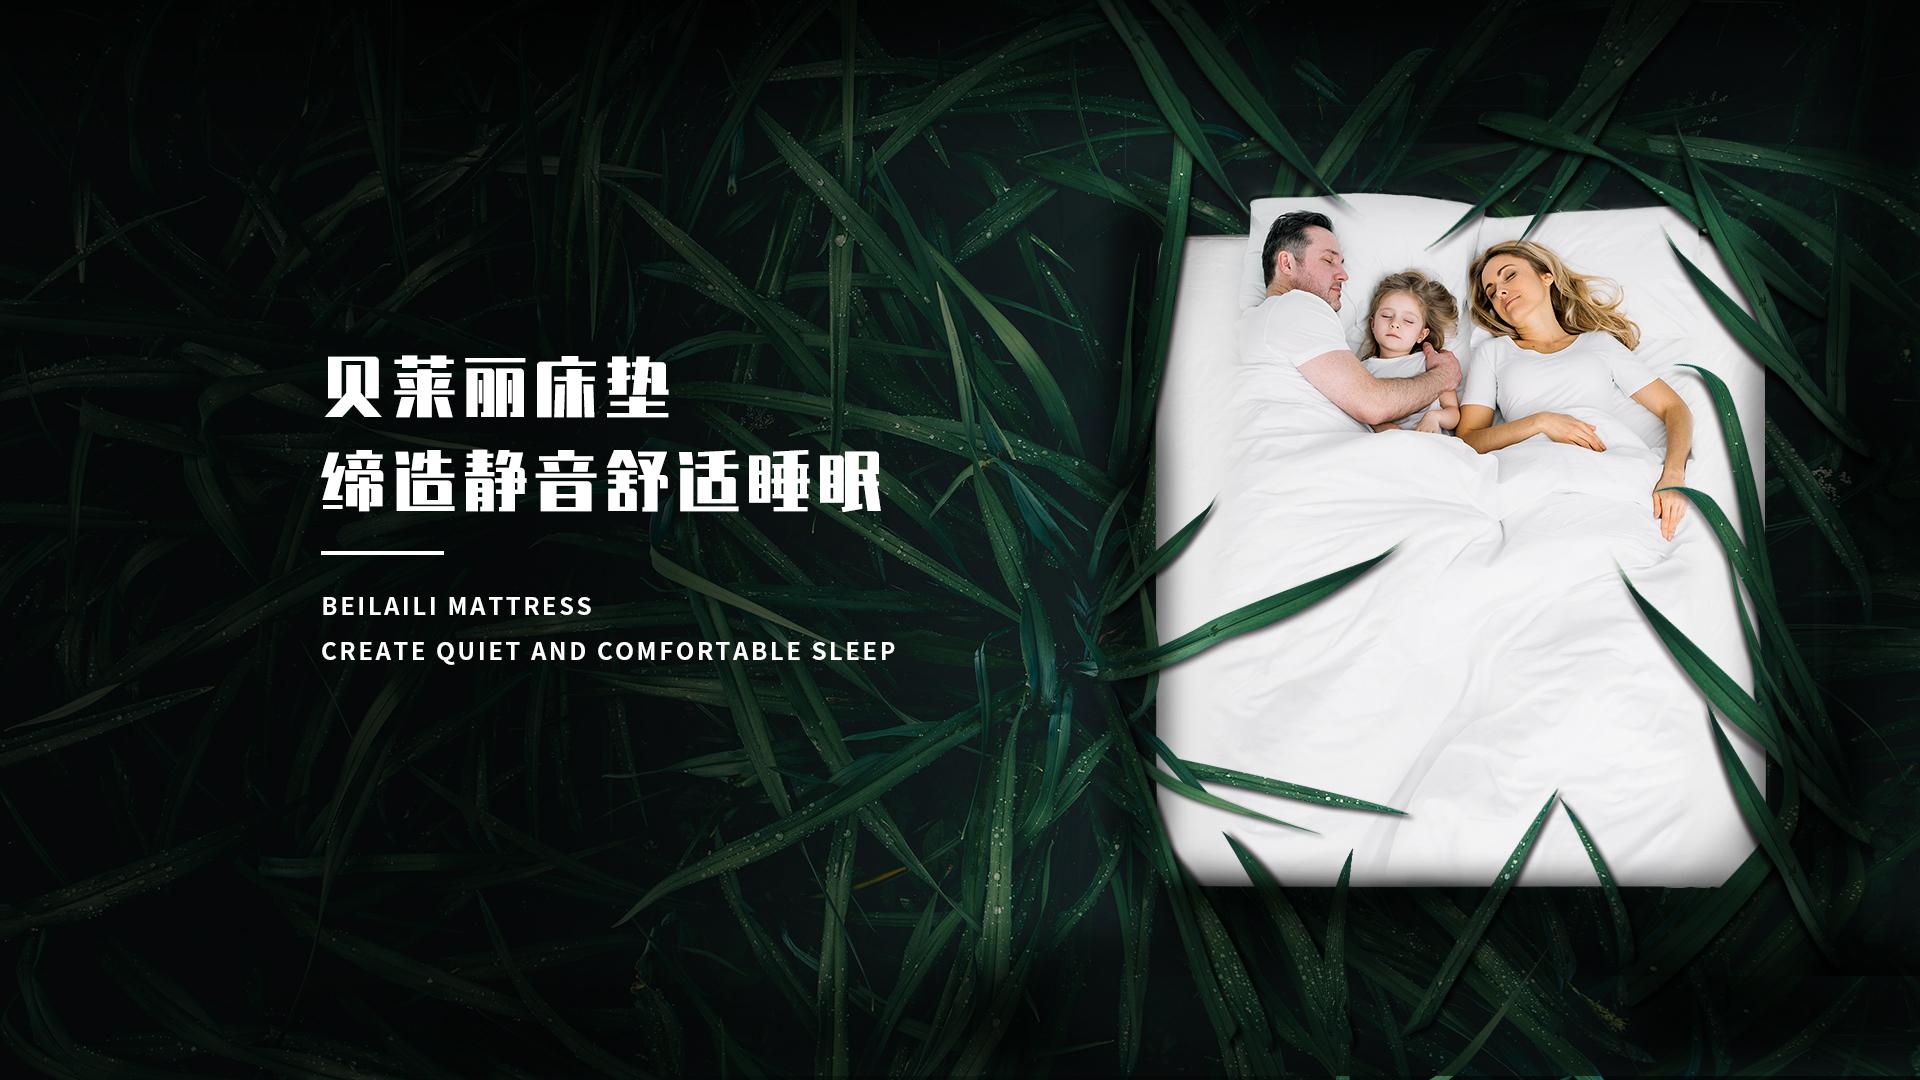 床垫哪个品牌好